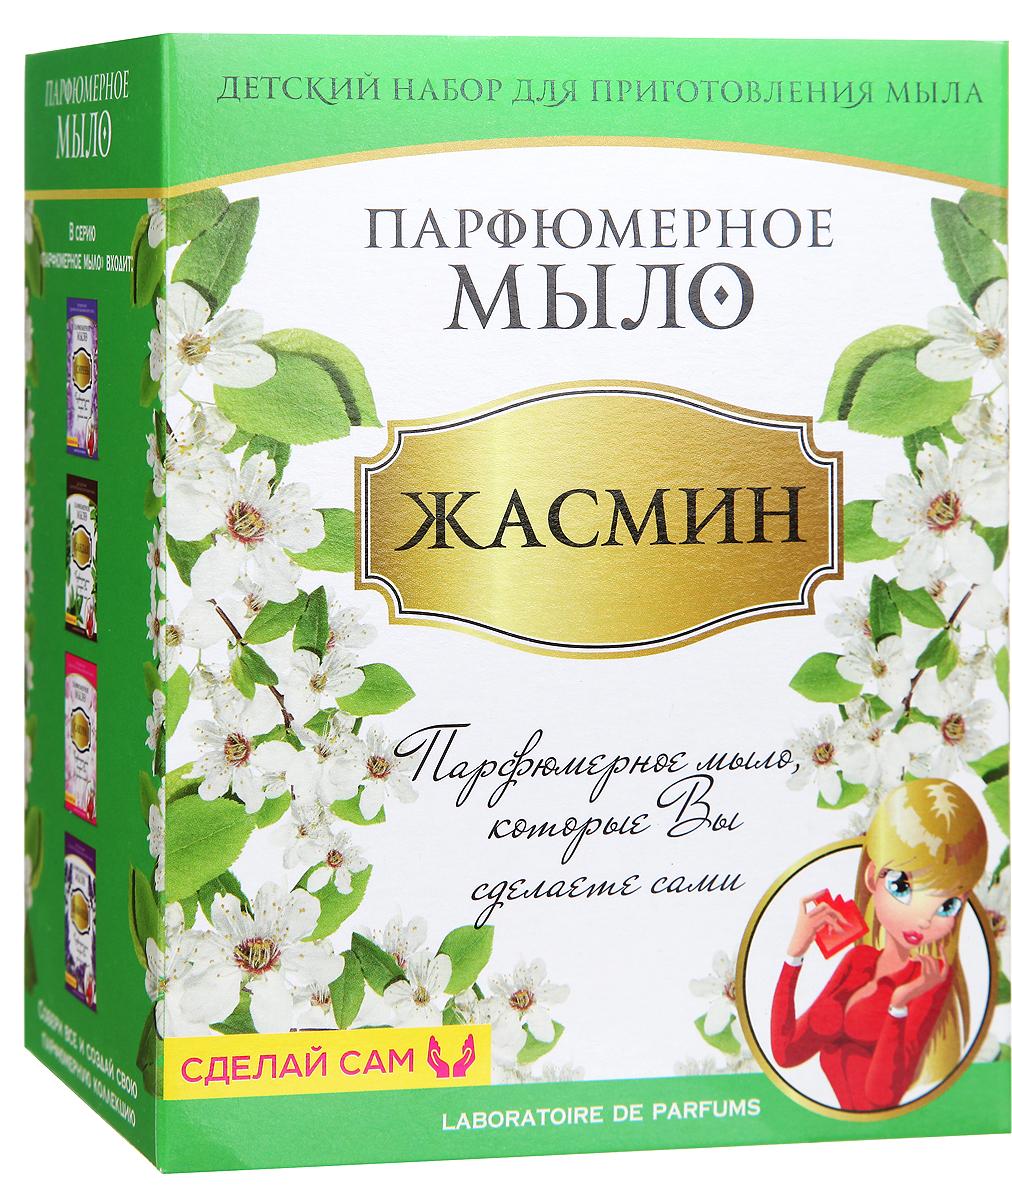 Master IQ Набор для изготовления парфюмерного мыла Жасмин